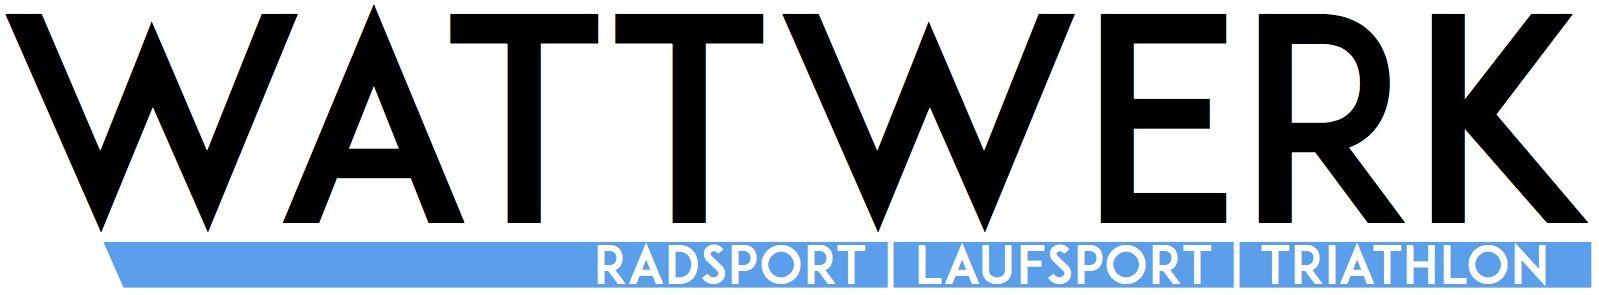 Wort-/Bildmarke: WATTWERK RADSPORT   LAUFSPORT   TRIATHLON